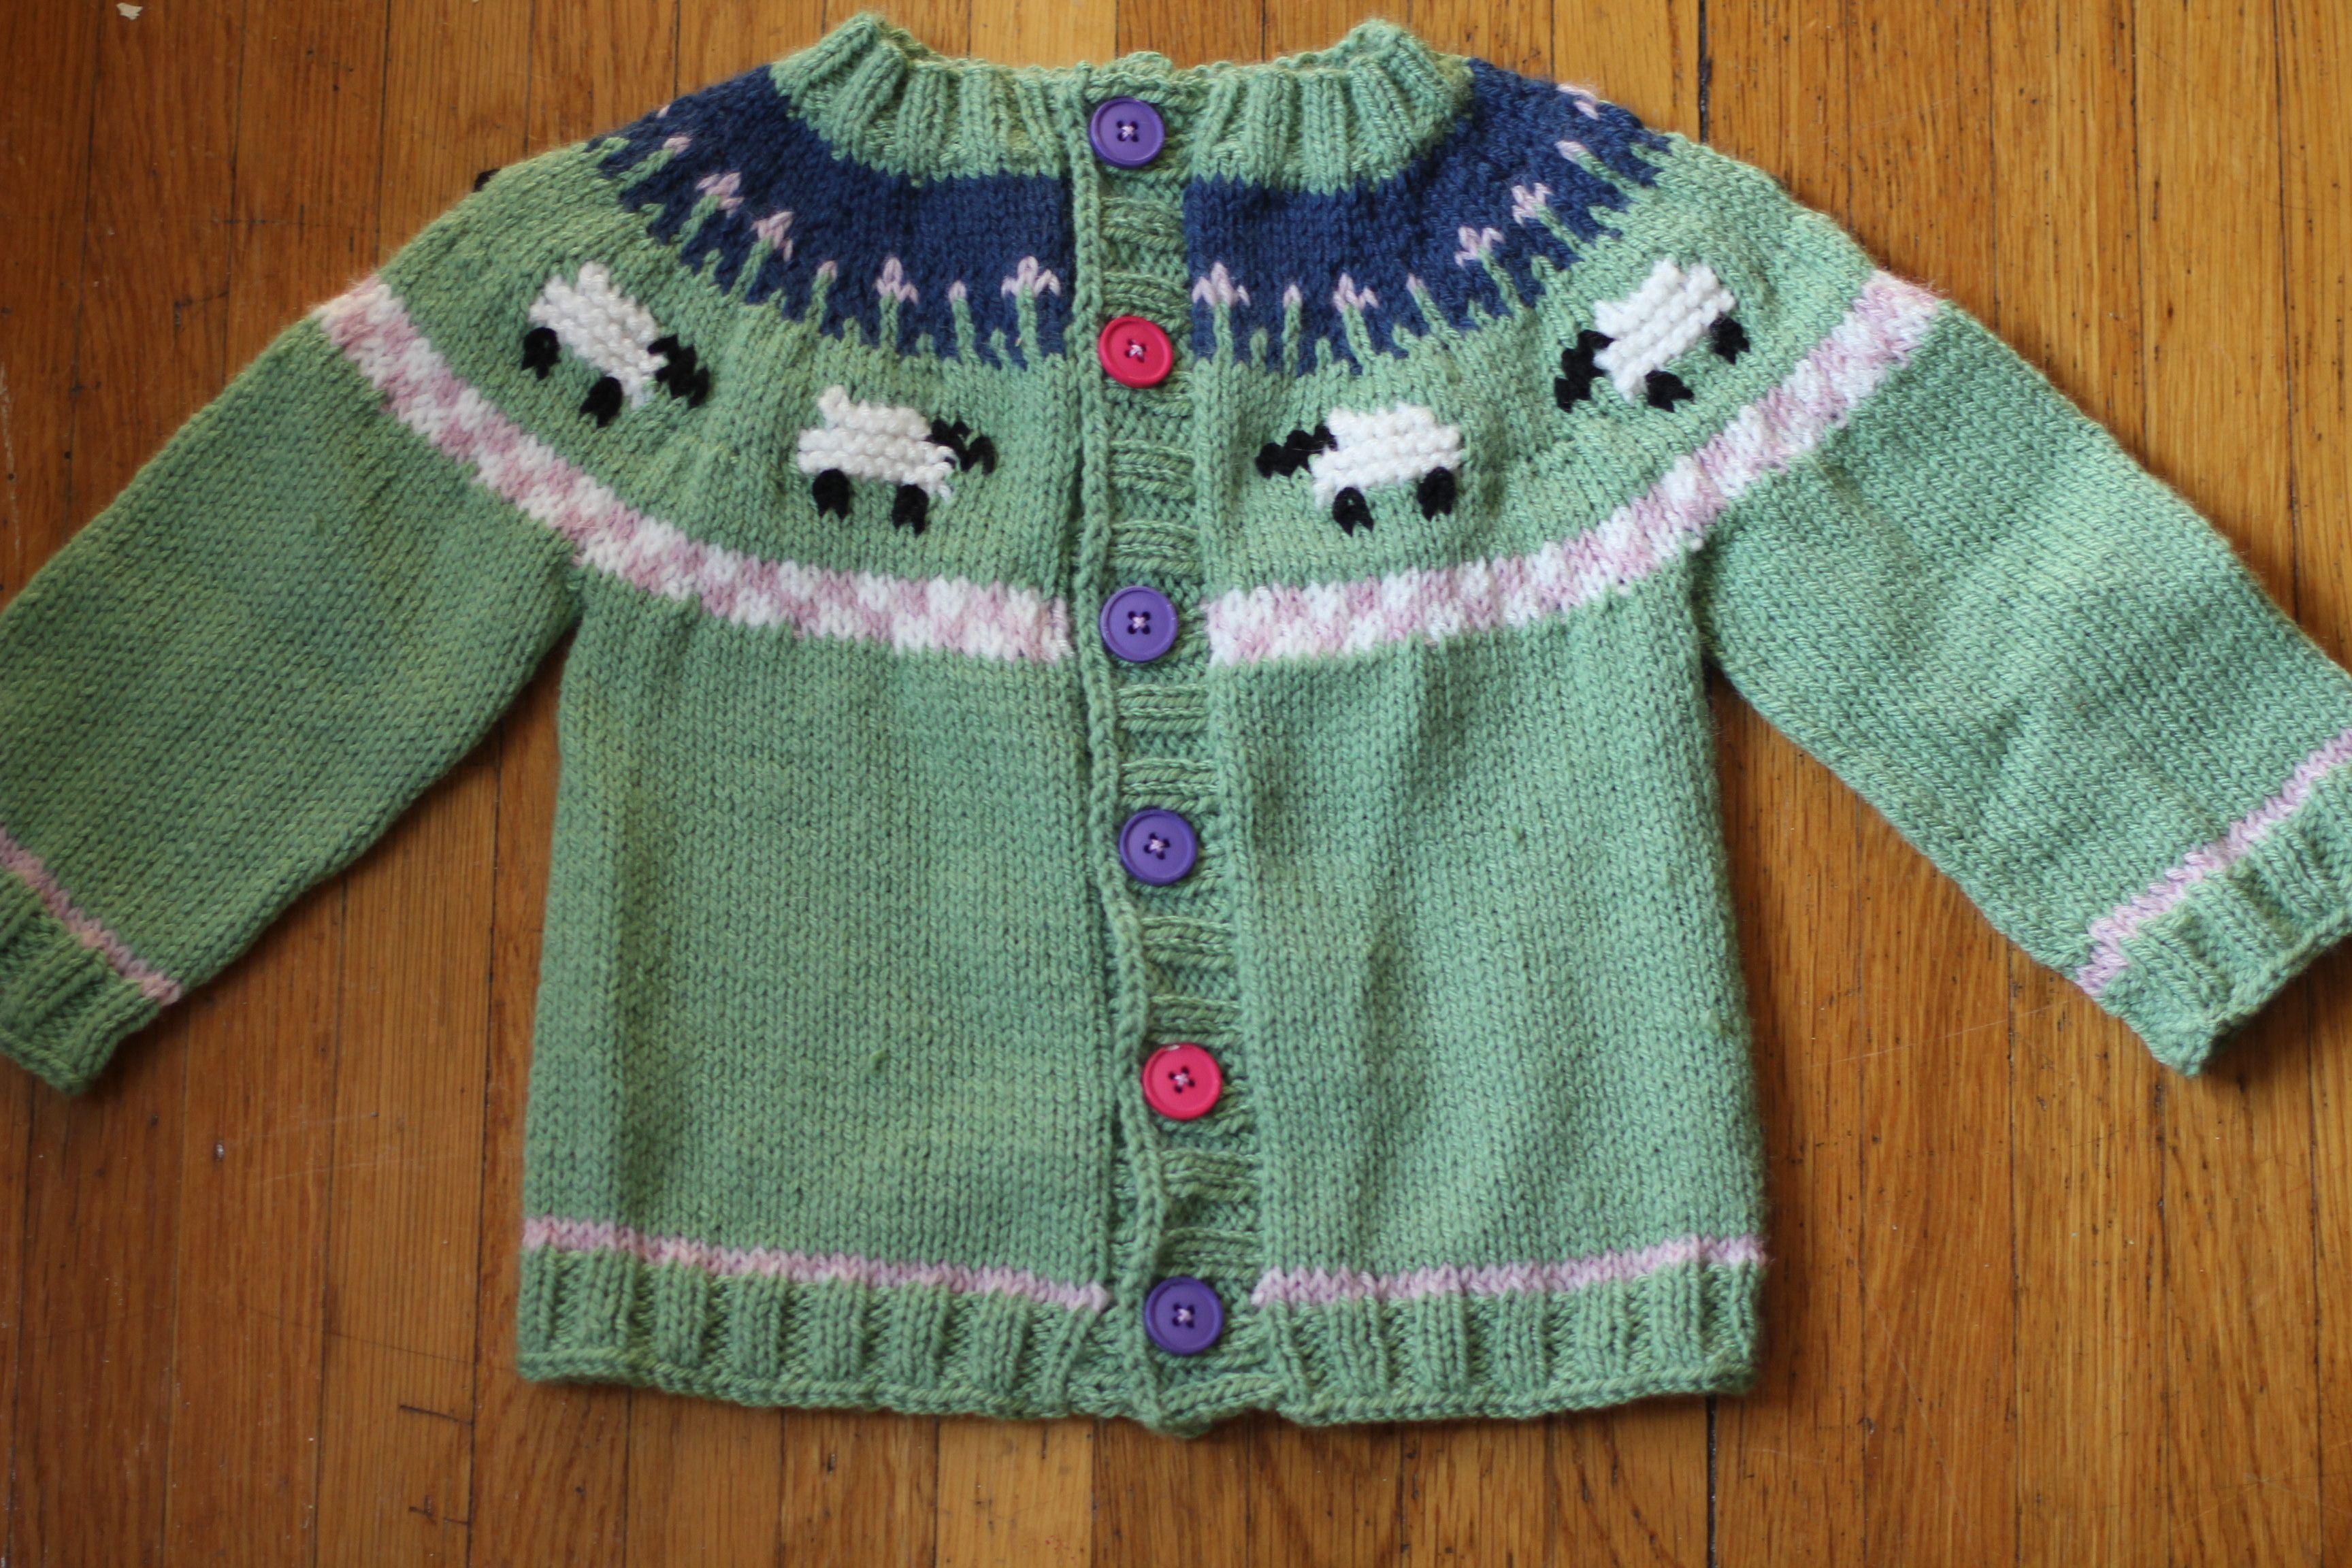 sheep baby sweater knitting pattern yoke | Baby knits | Pinterest ...